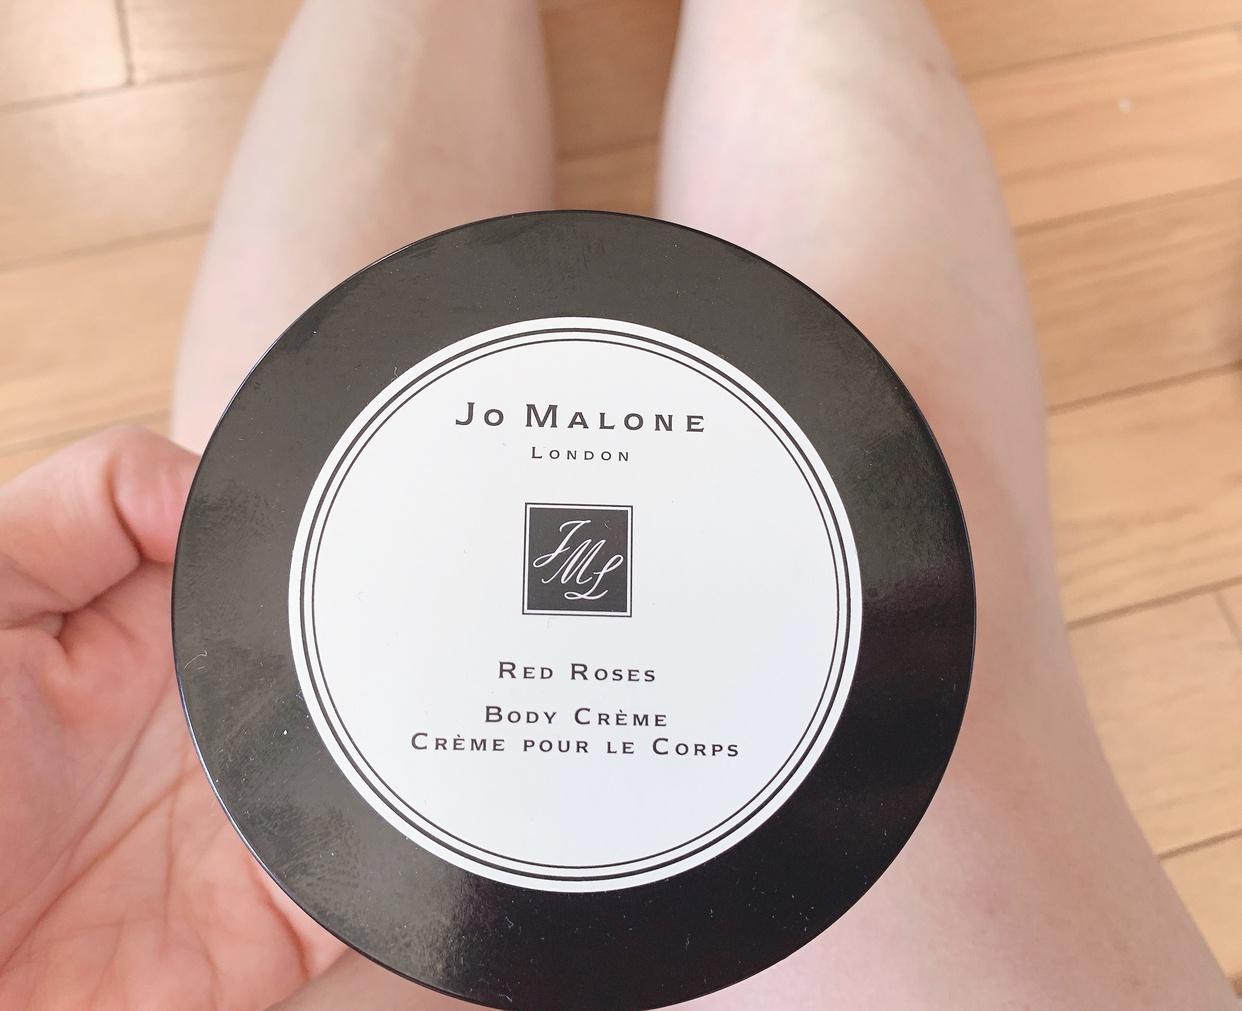 Jo Malone London(ジョーマローンロンドン) ボディ クレームを使ったはるるさんのクチコミ画像1